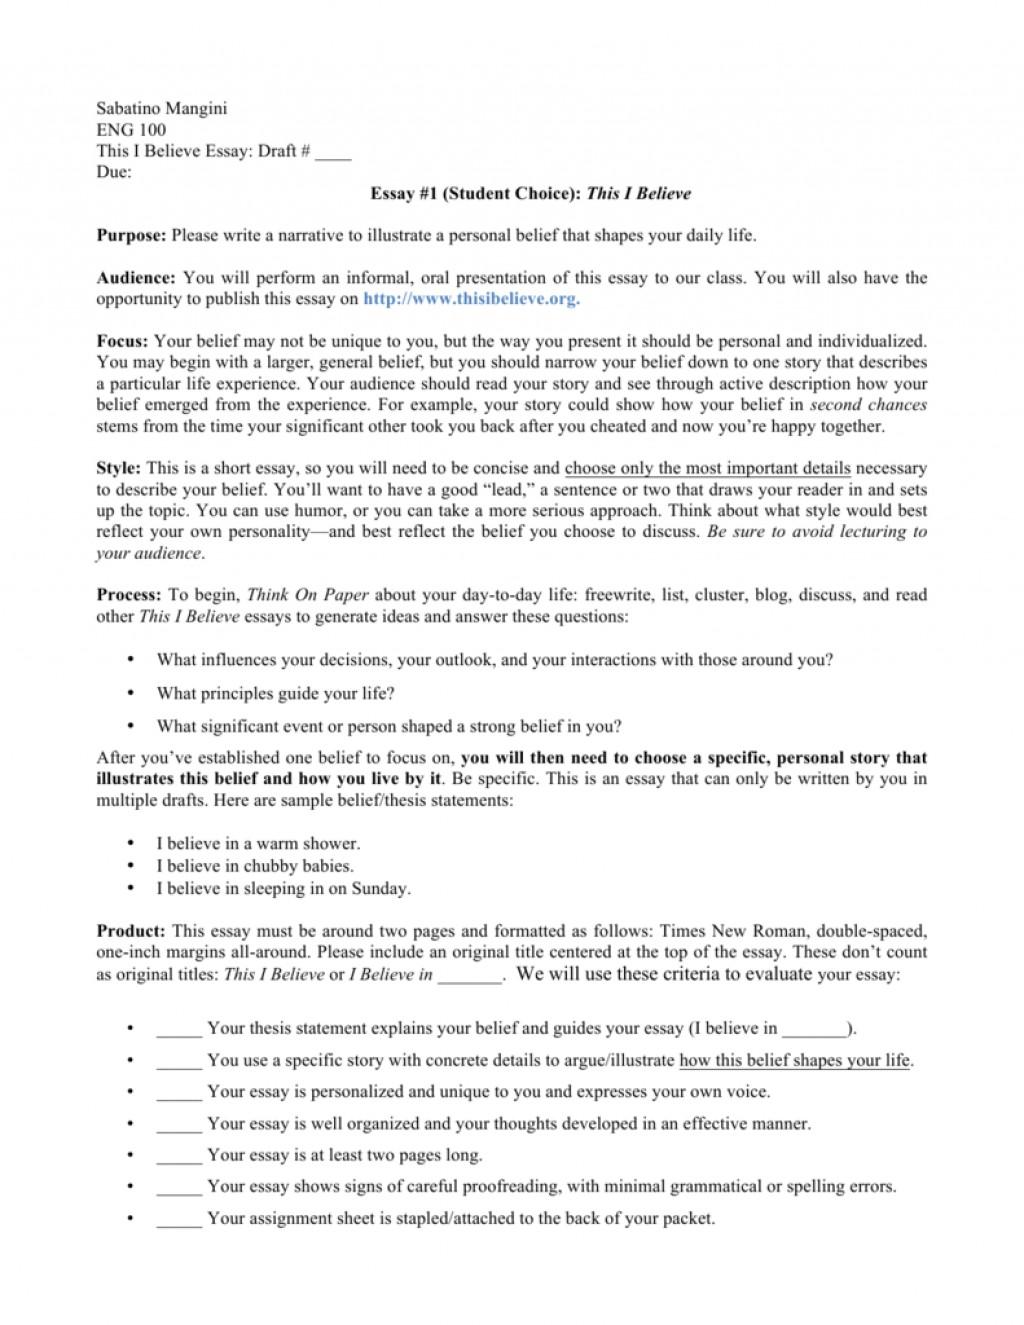 004 Thisibelieve Org Essays Featured 008807227 1 Essay Amazing Thisibelieve.org Large